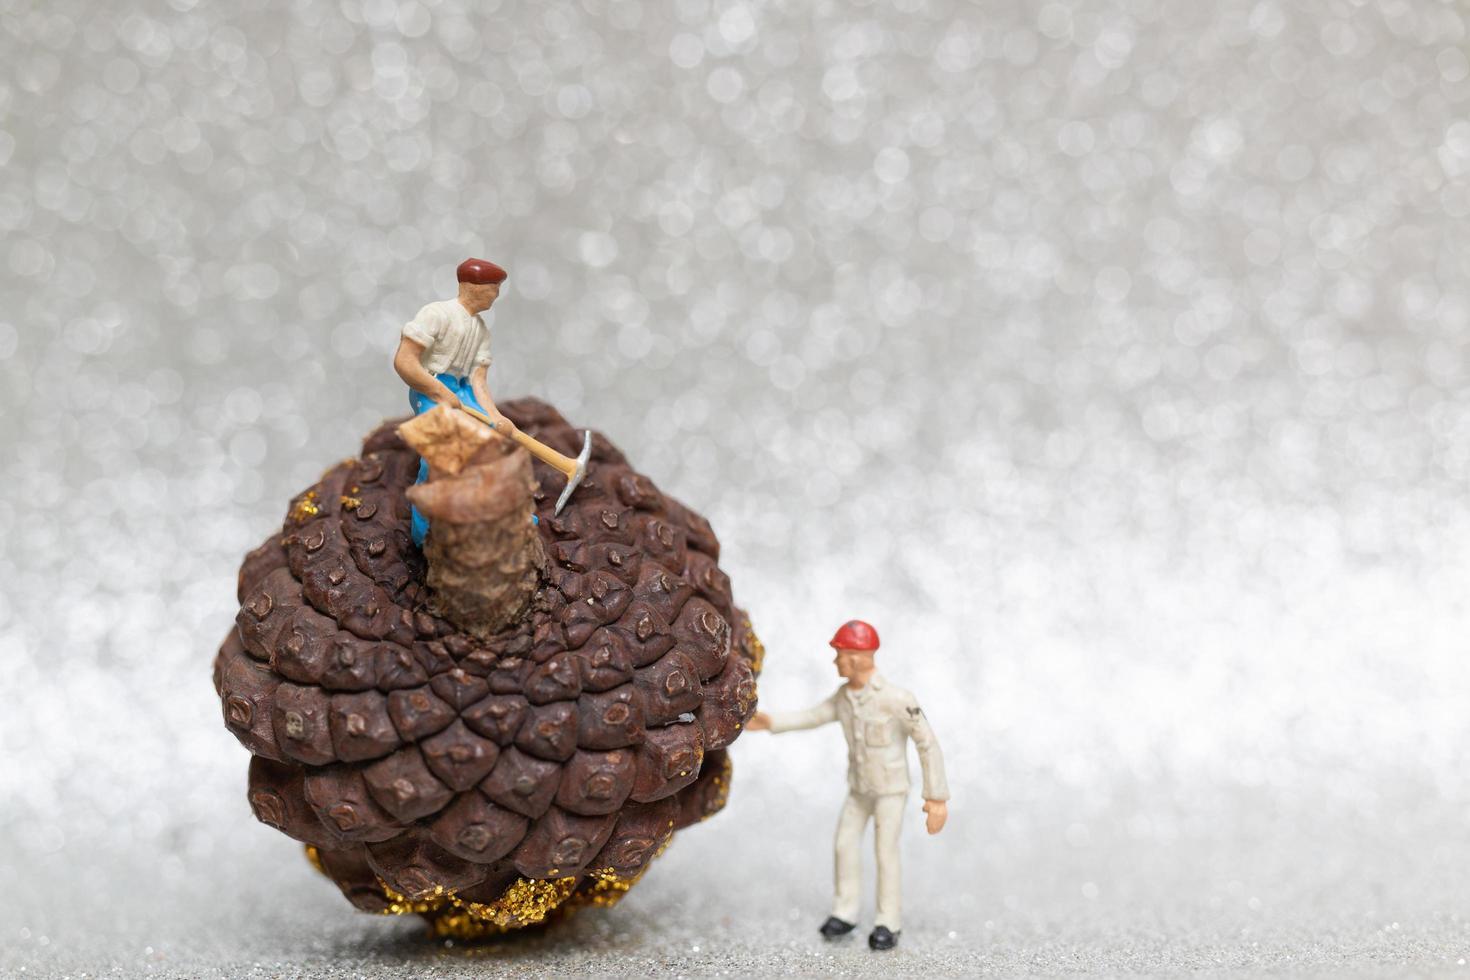 miniatyrfigurer av ett team som arbetar med en julkotte foto